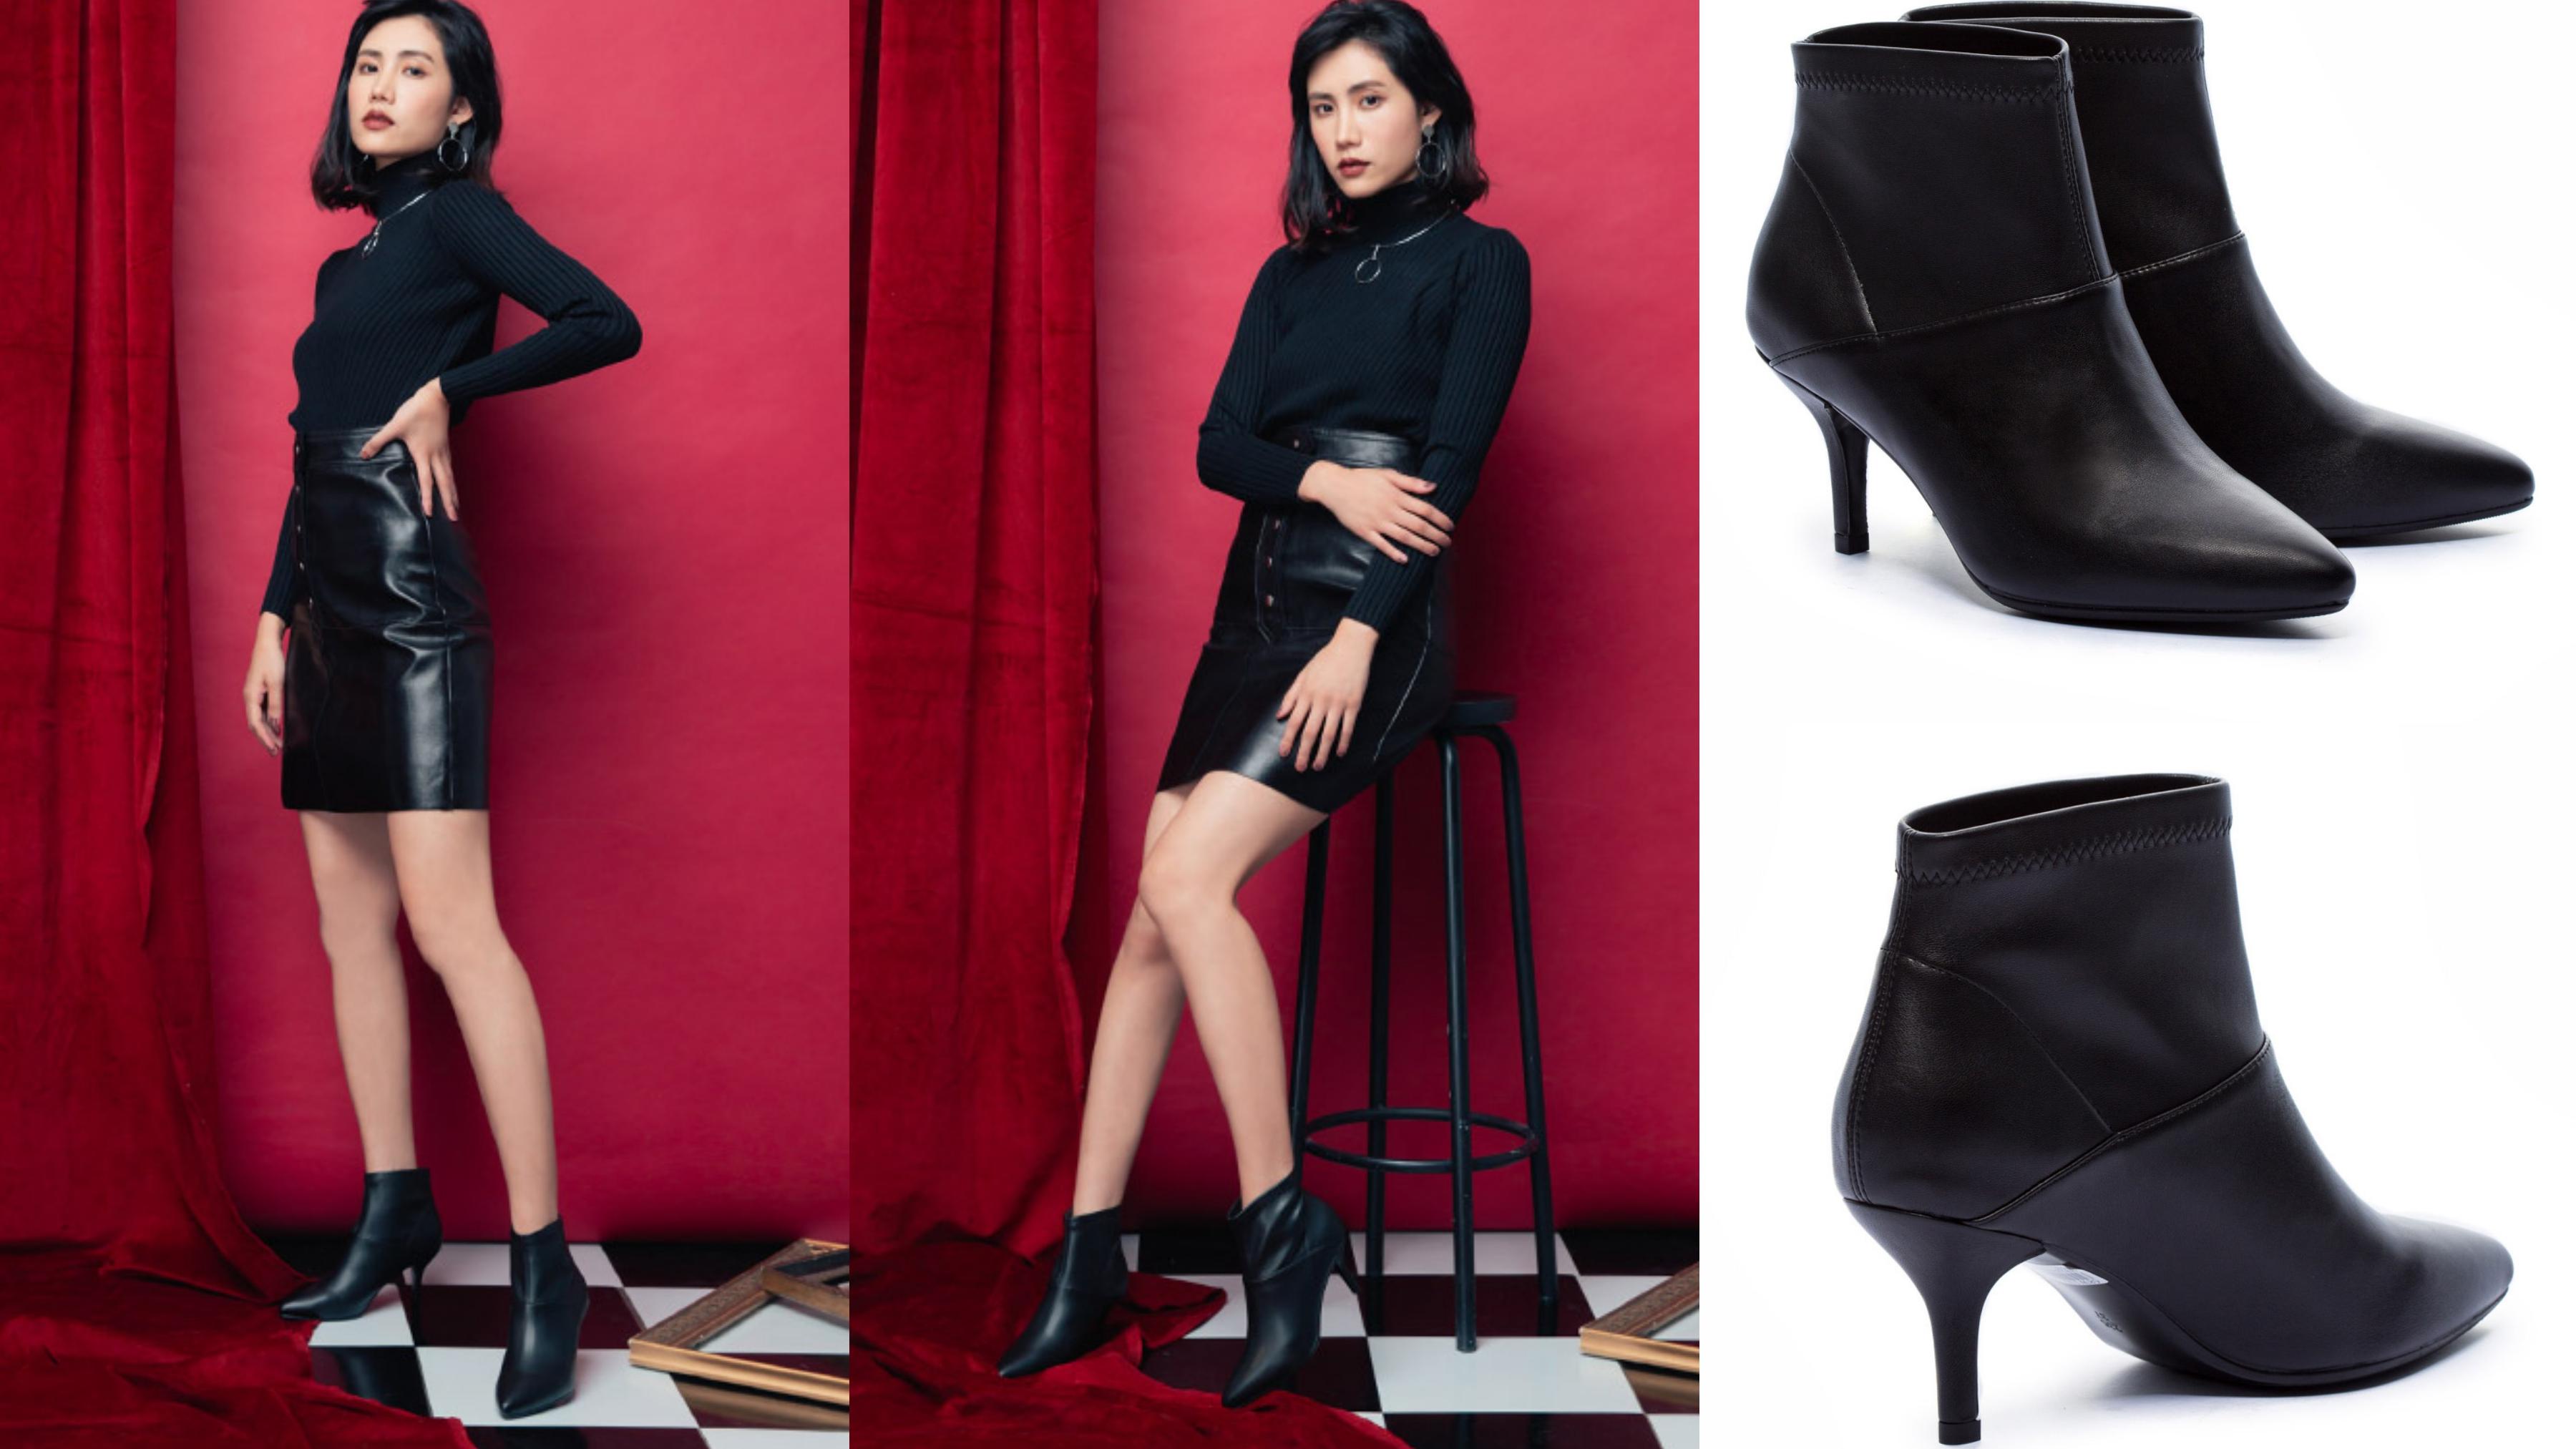 尖楦視覺修飾腳美化腳型更加顯纖瘦性感,俐落剪裁拼接造型展現極簡時尚風格